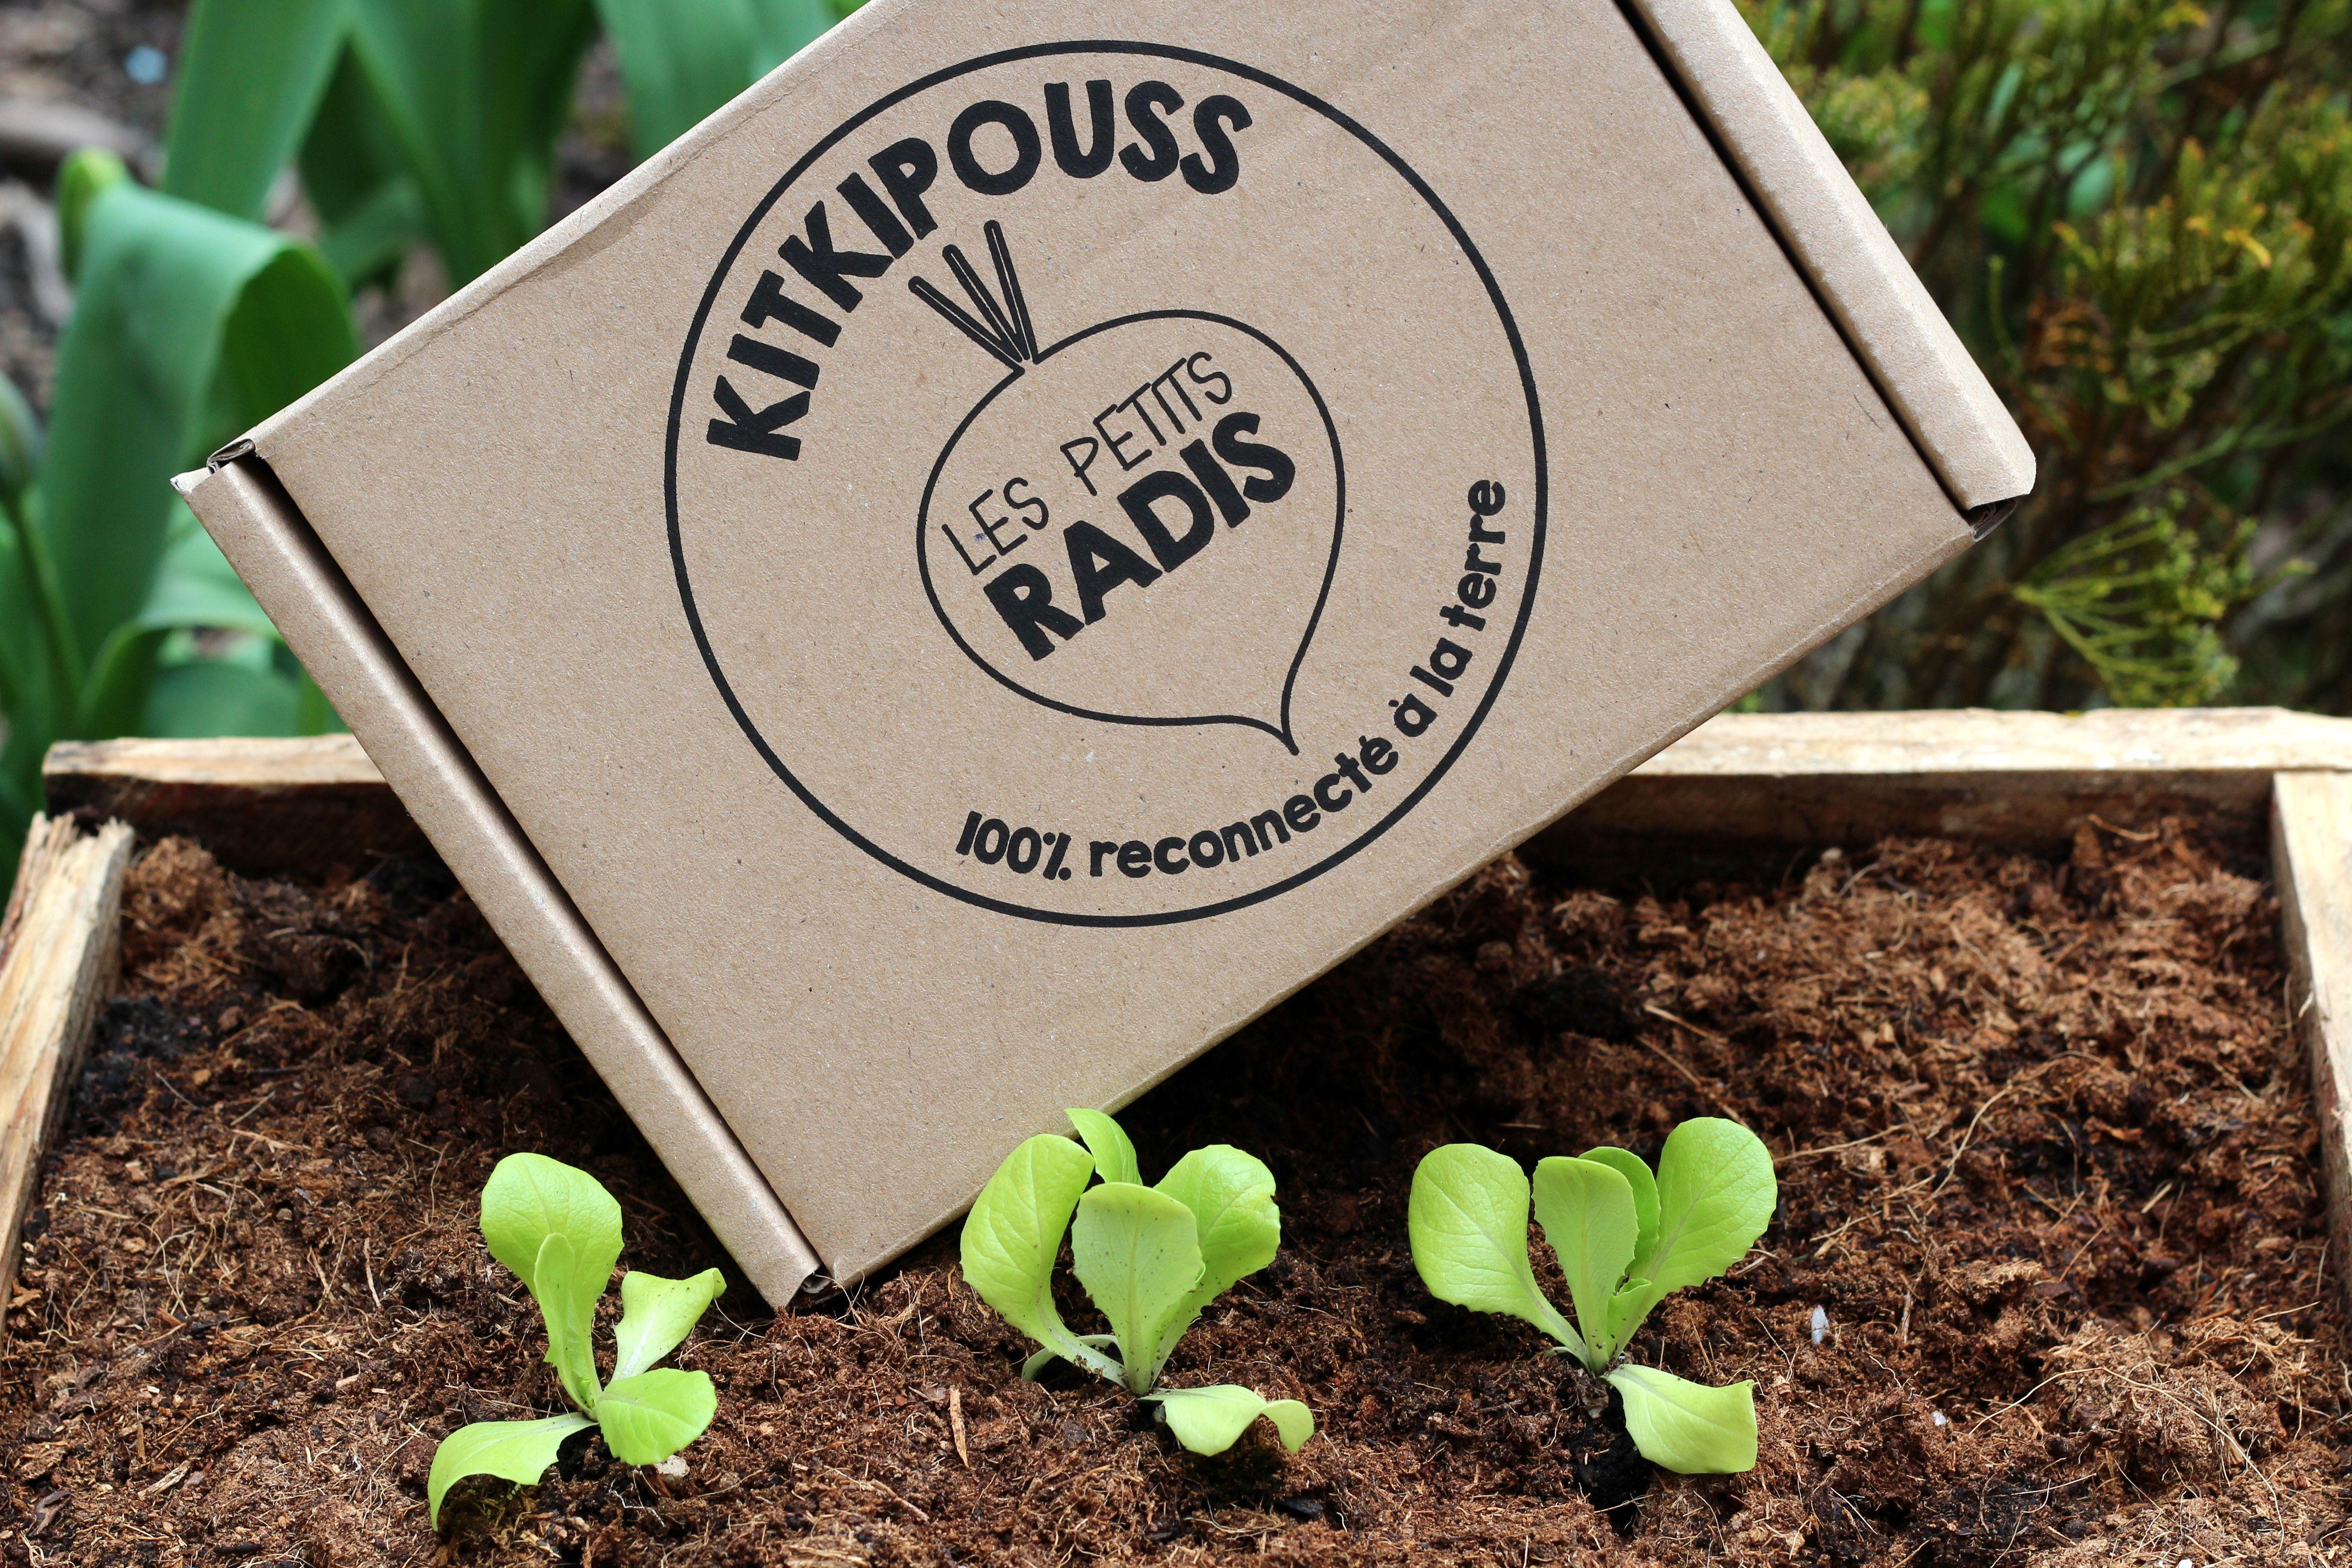 le Kitkipouss des petits radis